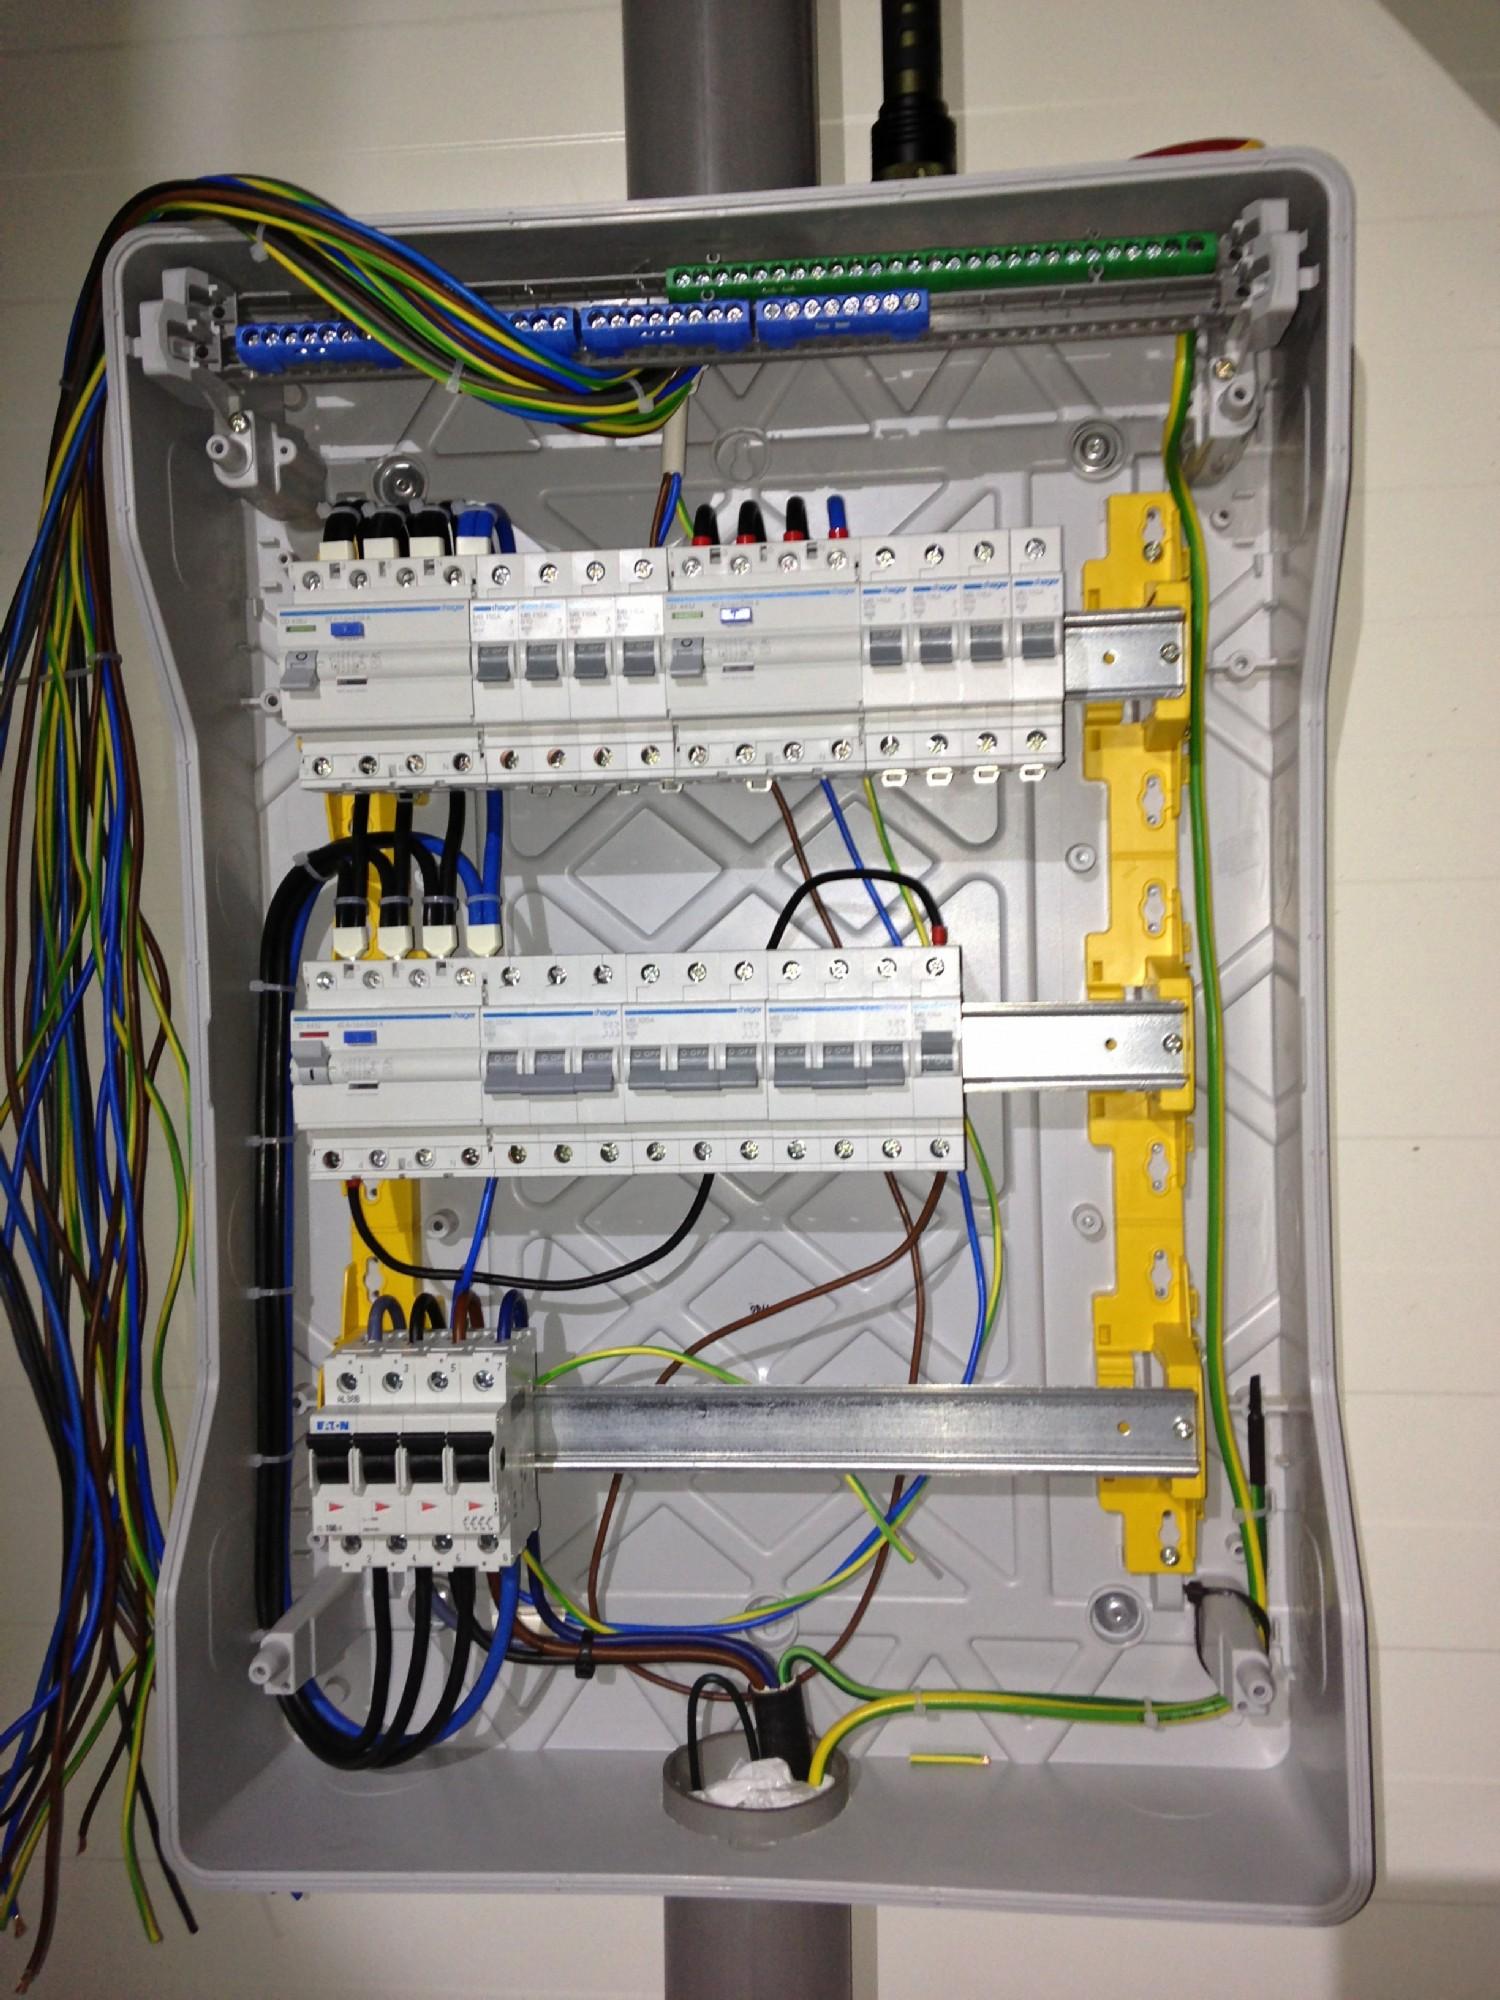 Pro�ba o analiz� instalacji elektrycznej i rozdzielni.